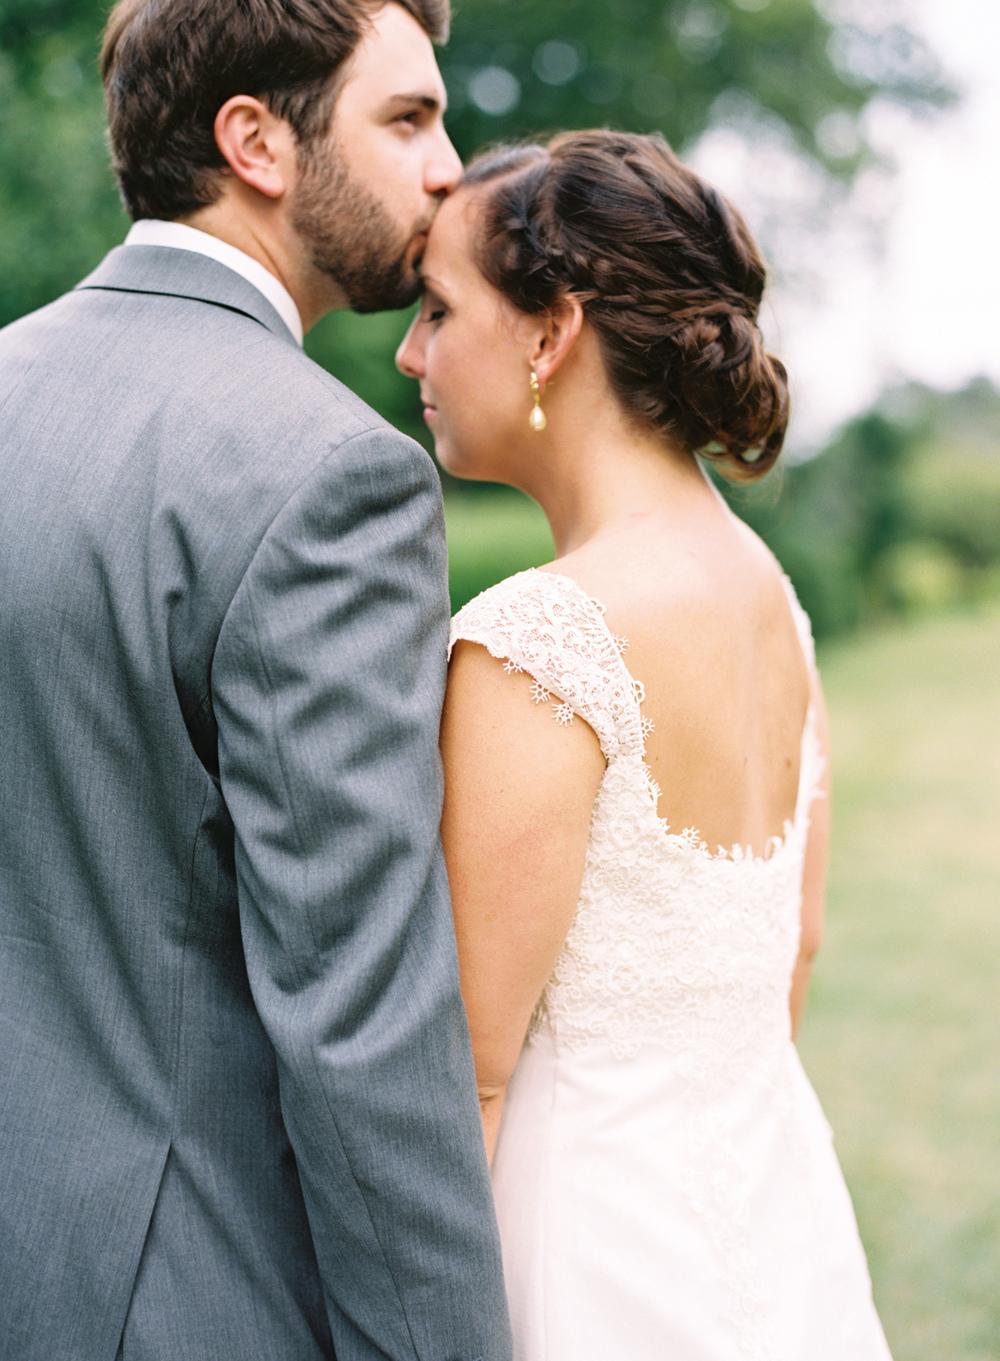 owens_wedding-439.jpg